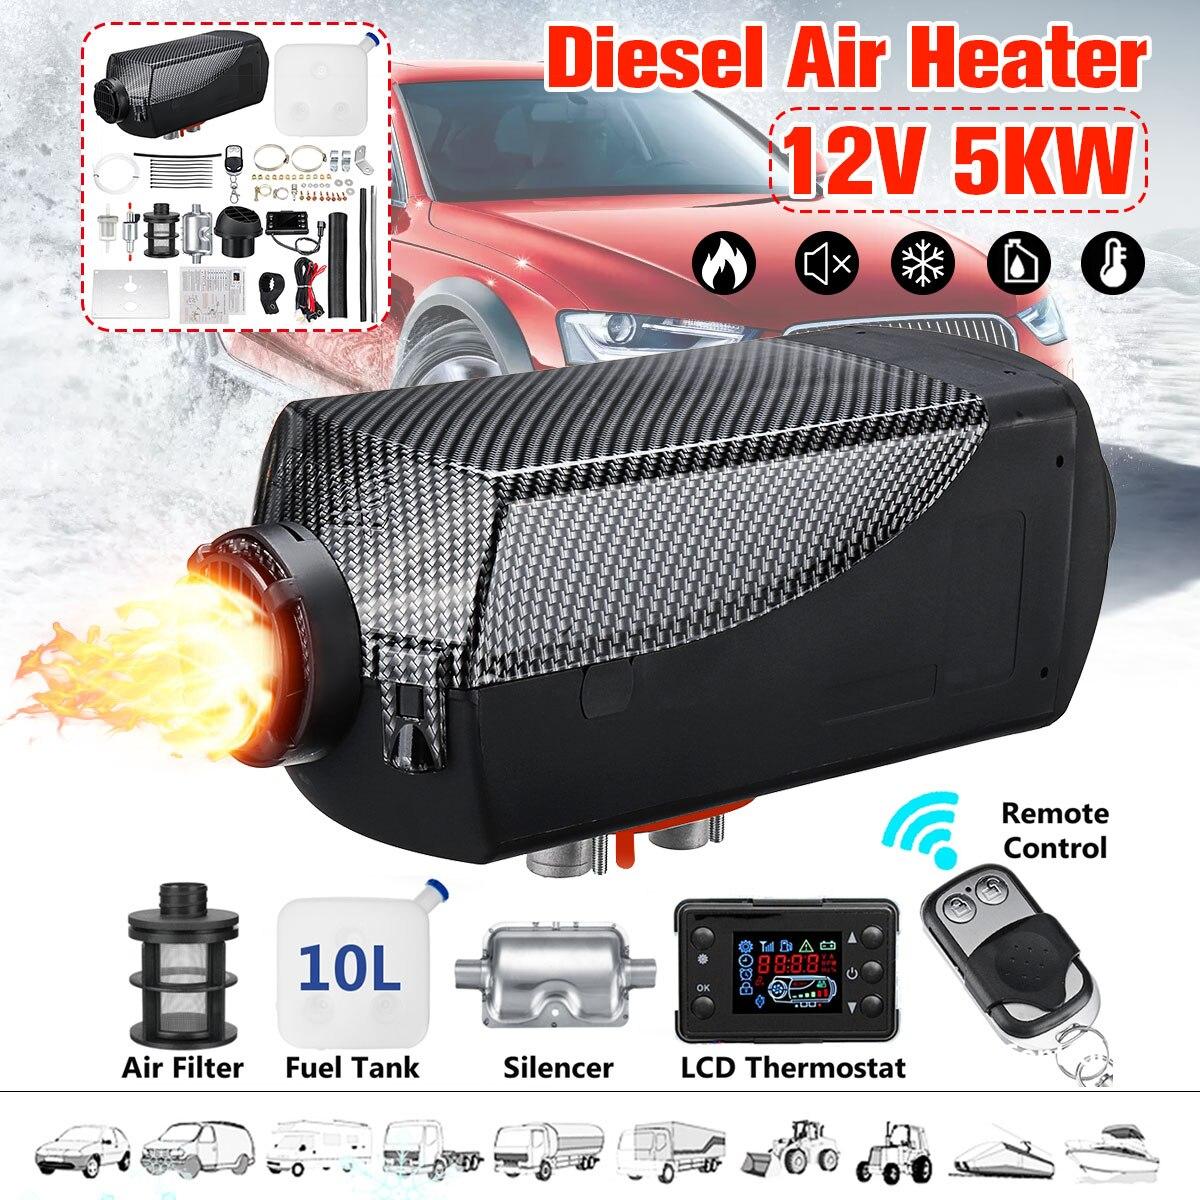 Chauffage de voiture d'hiver 5KW 12 V Air autonome chauffage Diesel chauffage de stationnement avec télécommande moniteur LCD pour remorque camions bateau